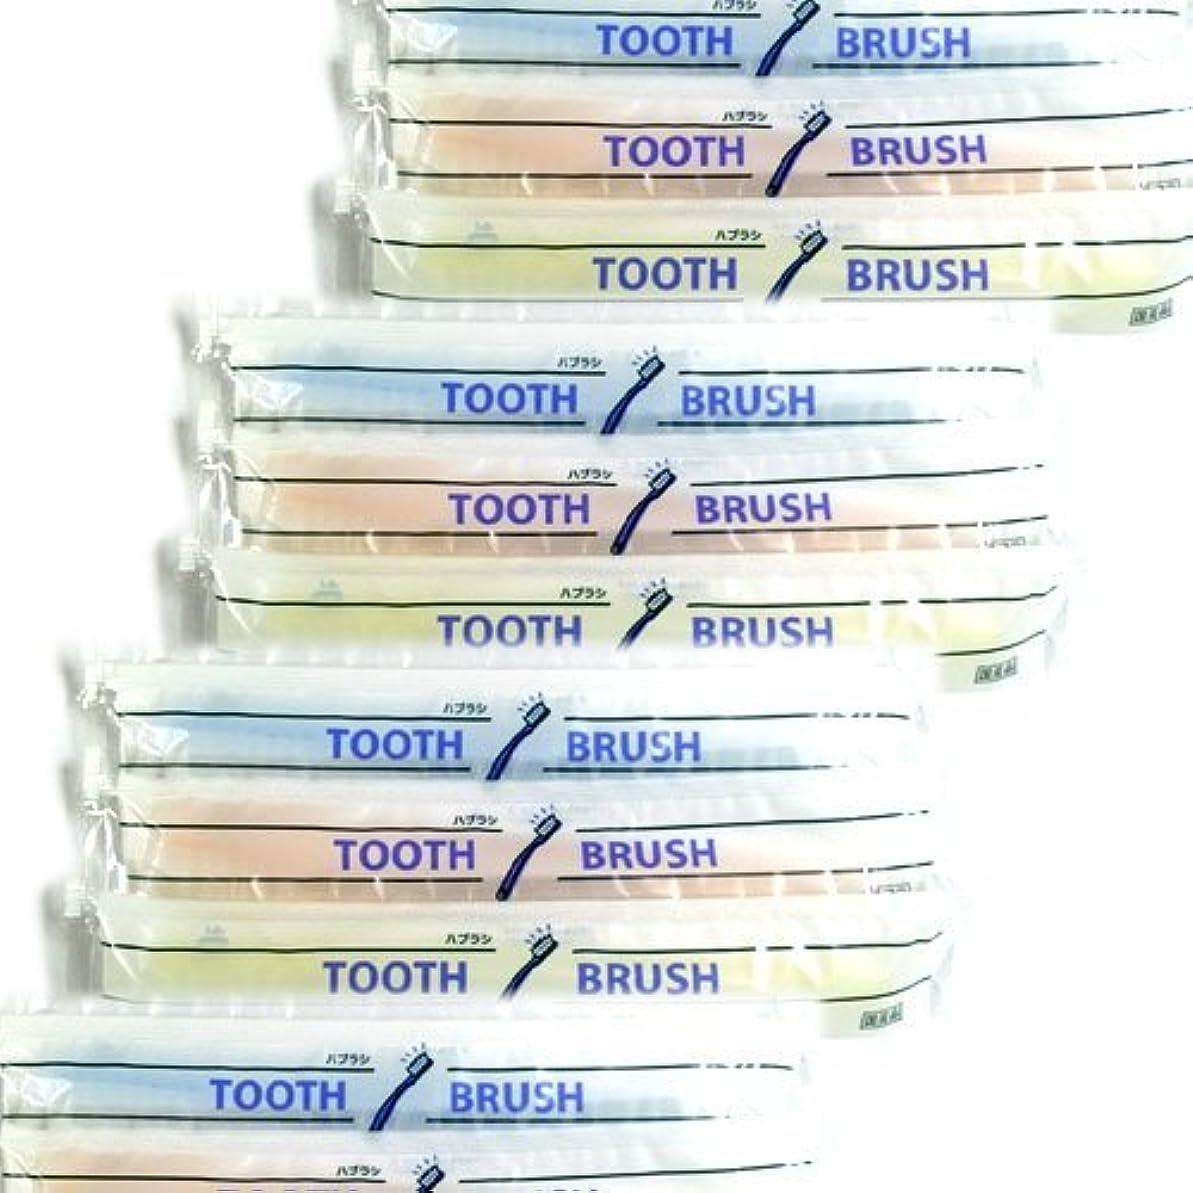 偽装するラッシュ延期するホテルアメニティ 業務用 使い捨て(インスタント) 粉付き歯ブラシ × 20個セット